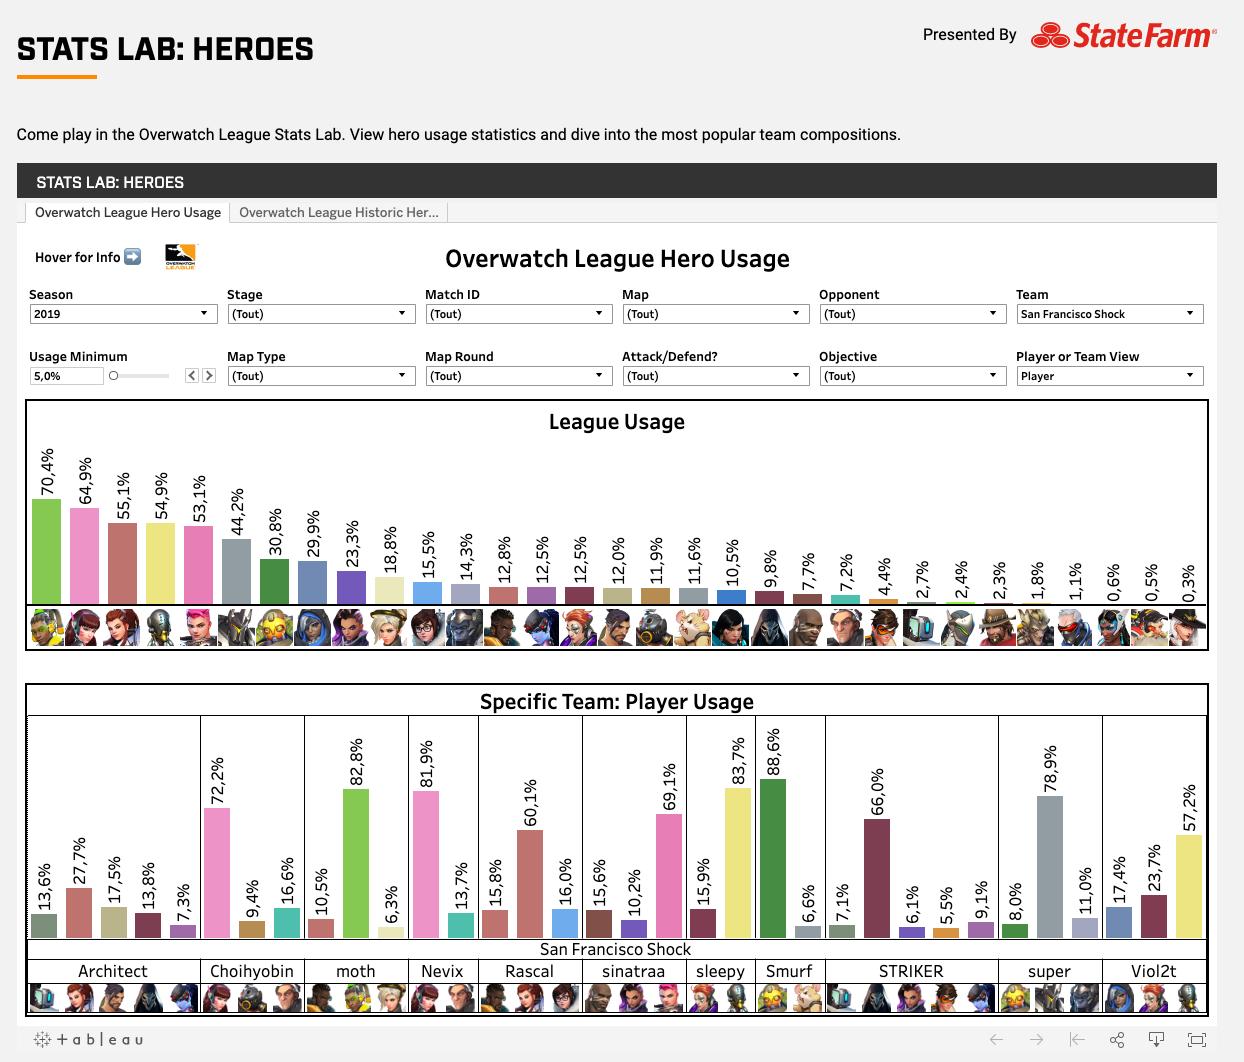 Capture d'écran de la partie dédiées aux statistiques sur les personnages d'Overwatch dans le Stats Lab